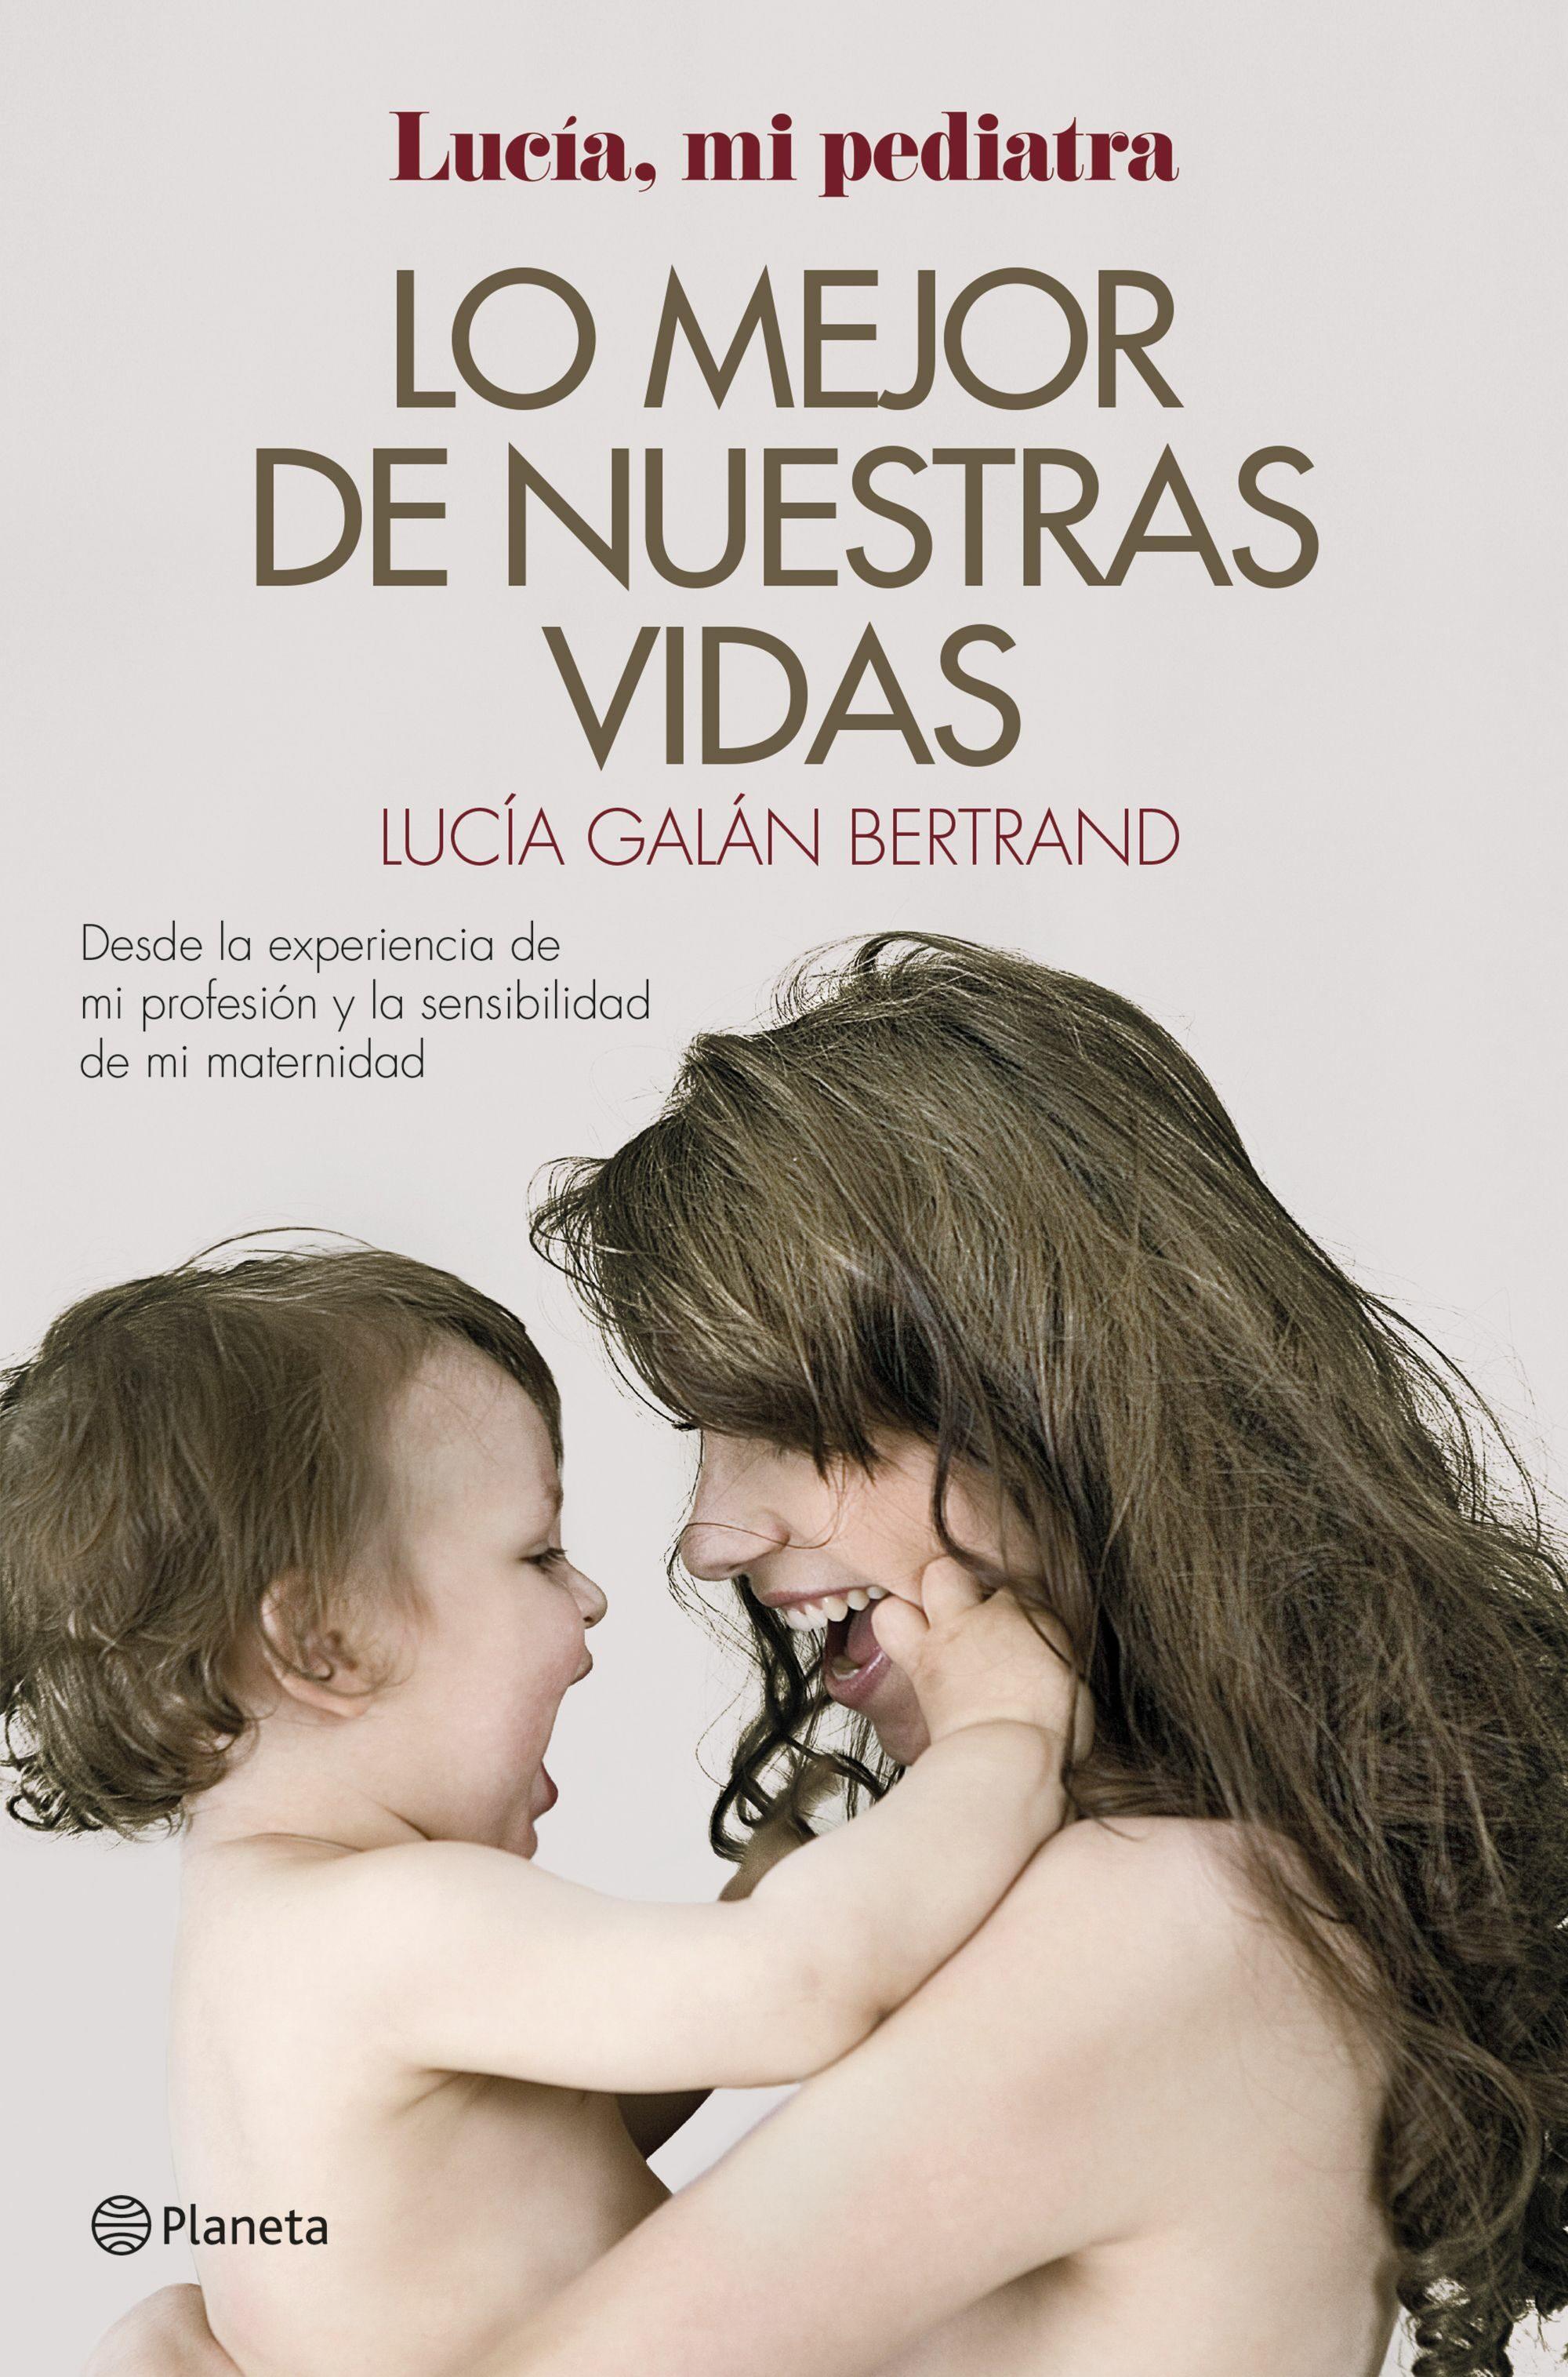 lo mejor de nuestras vidas: desde la experiencia de mi profesion y la sensibilidad de mi maternidad-lucia galan bertrand-9788408152019